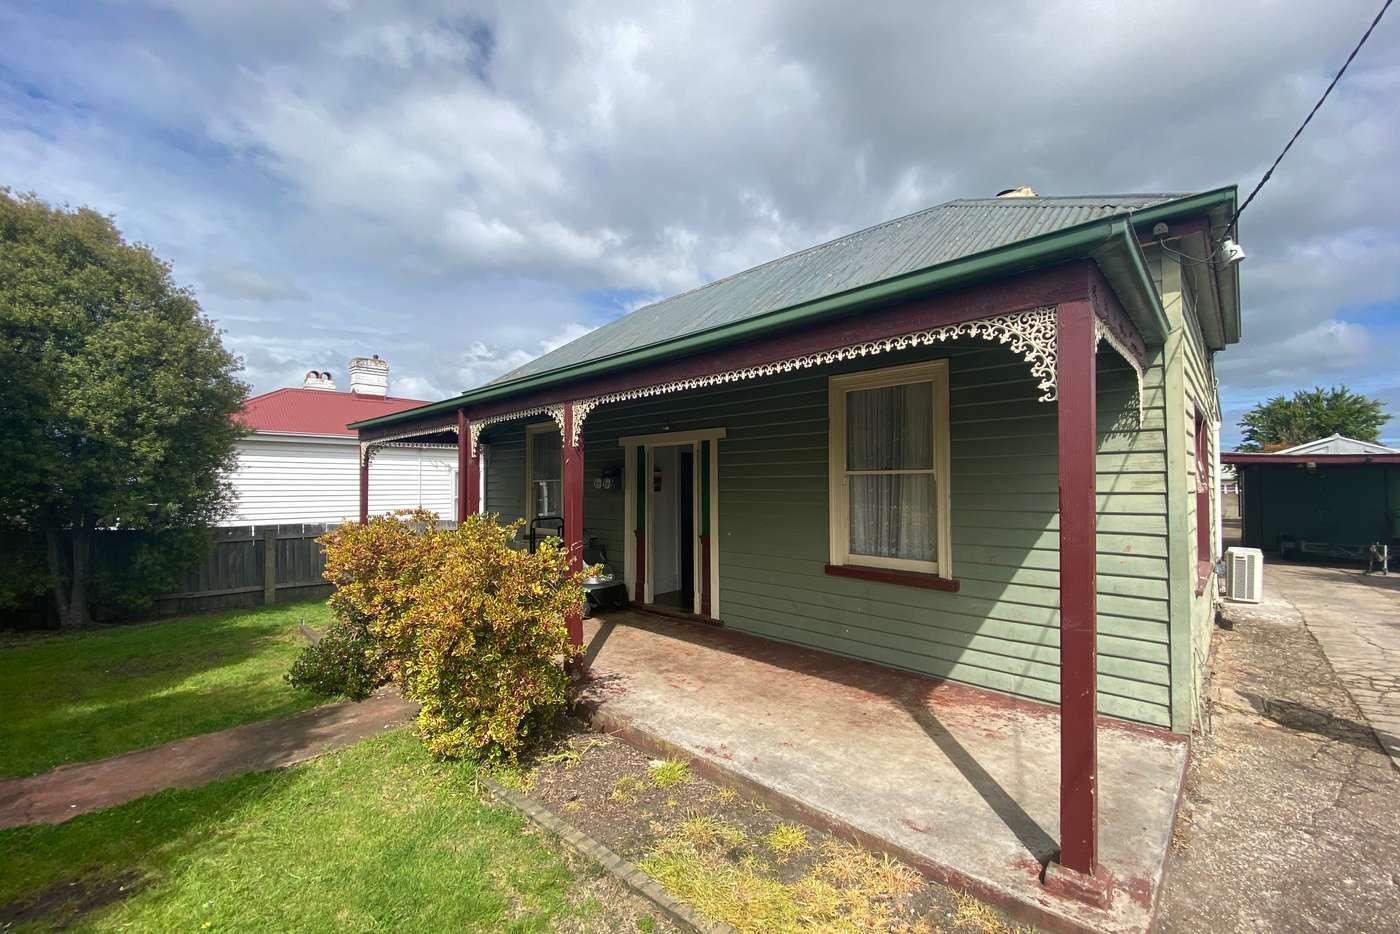 Main view of Homely house listing, 31 Gunn Street, Devonport TAS 7310